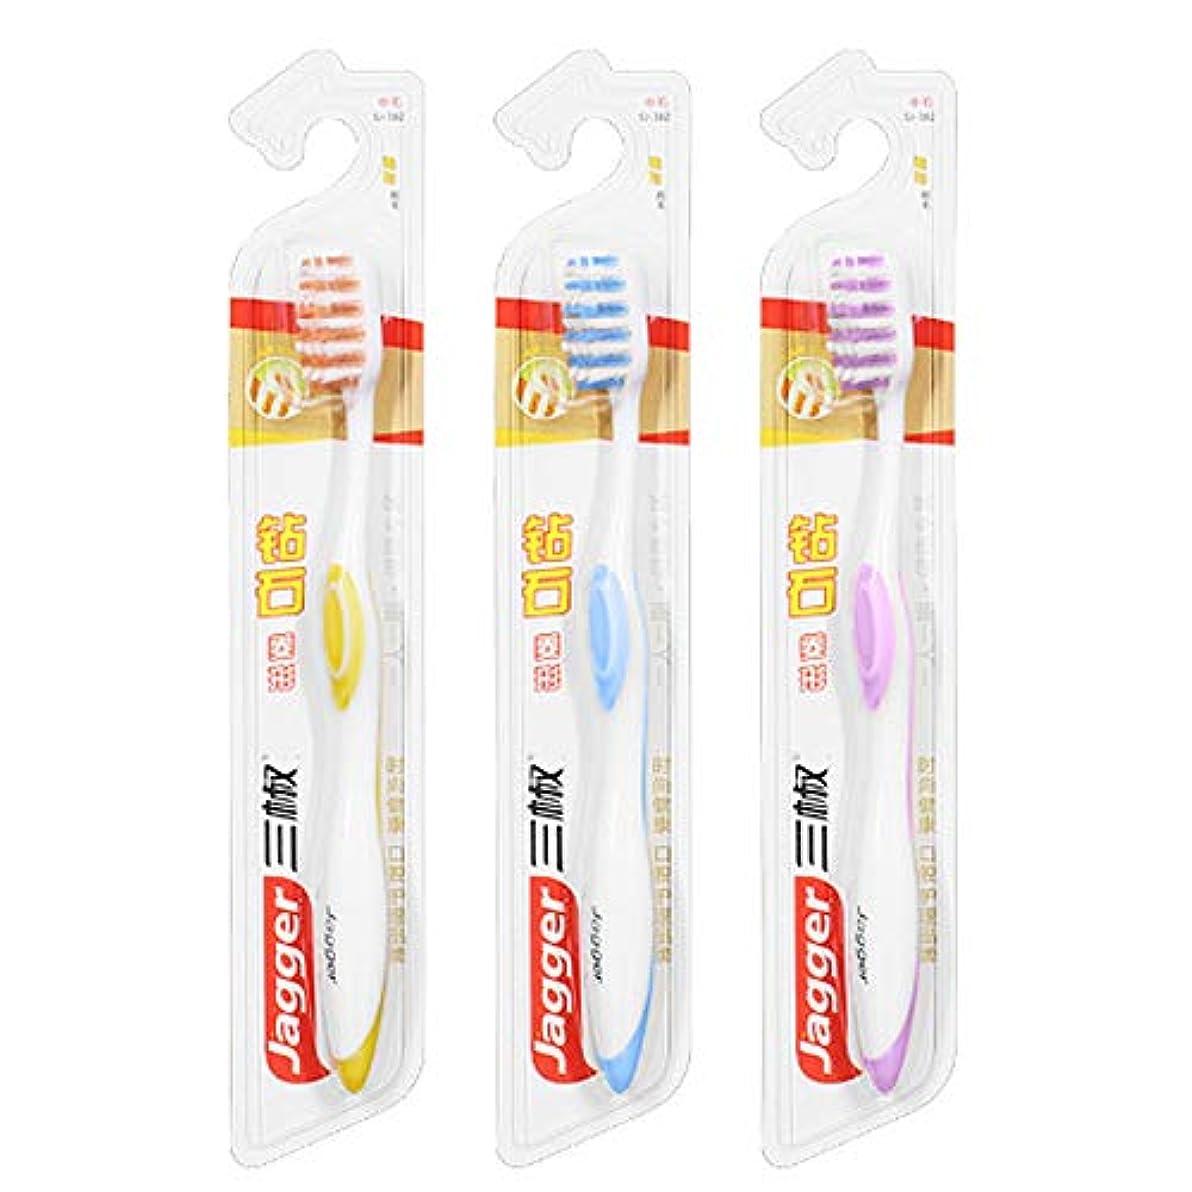 息切れ作り上げる願望家庭用自給式掃除用歯ブラシ、2色デンタルケア製品、手動歯ブラシ